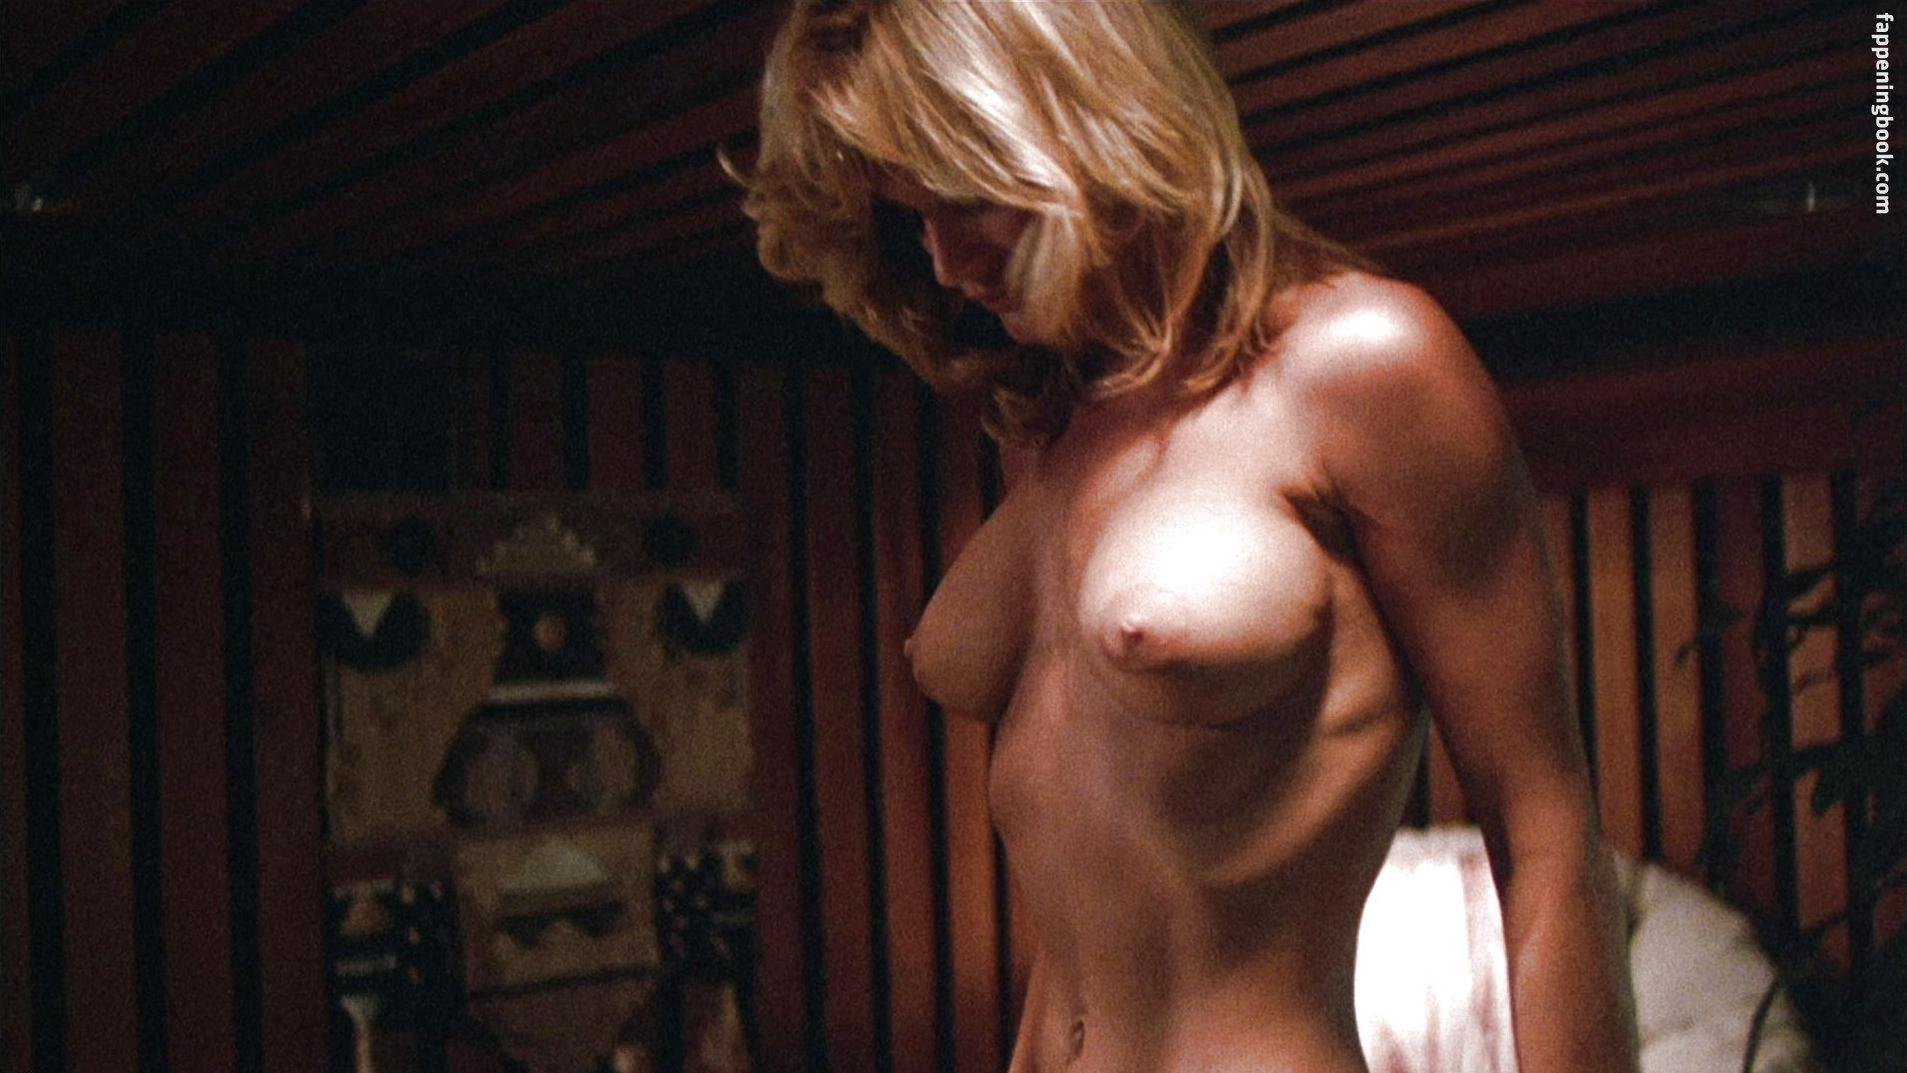 Alison Sweeney Nude Pics On Nude Naked Pics